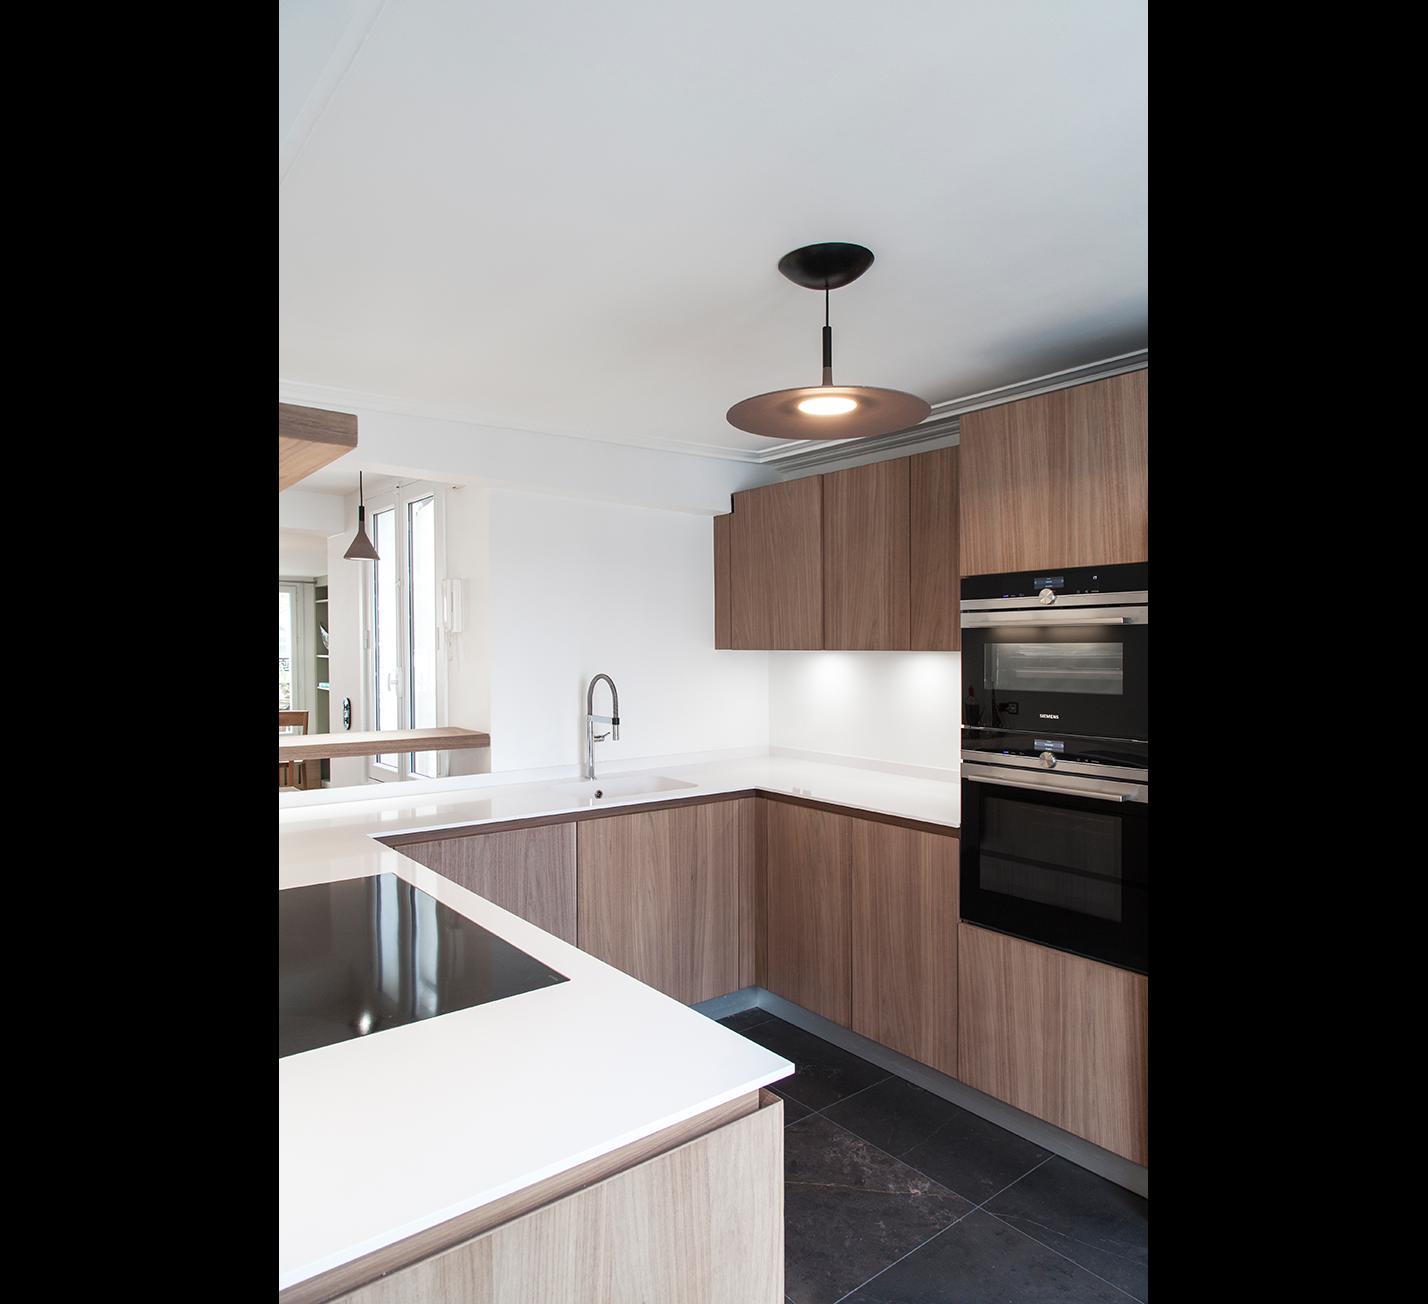 Projet-Pigalle-Atelier-Steve-Pauline-Borgia-Architecture-interieur-06